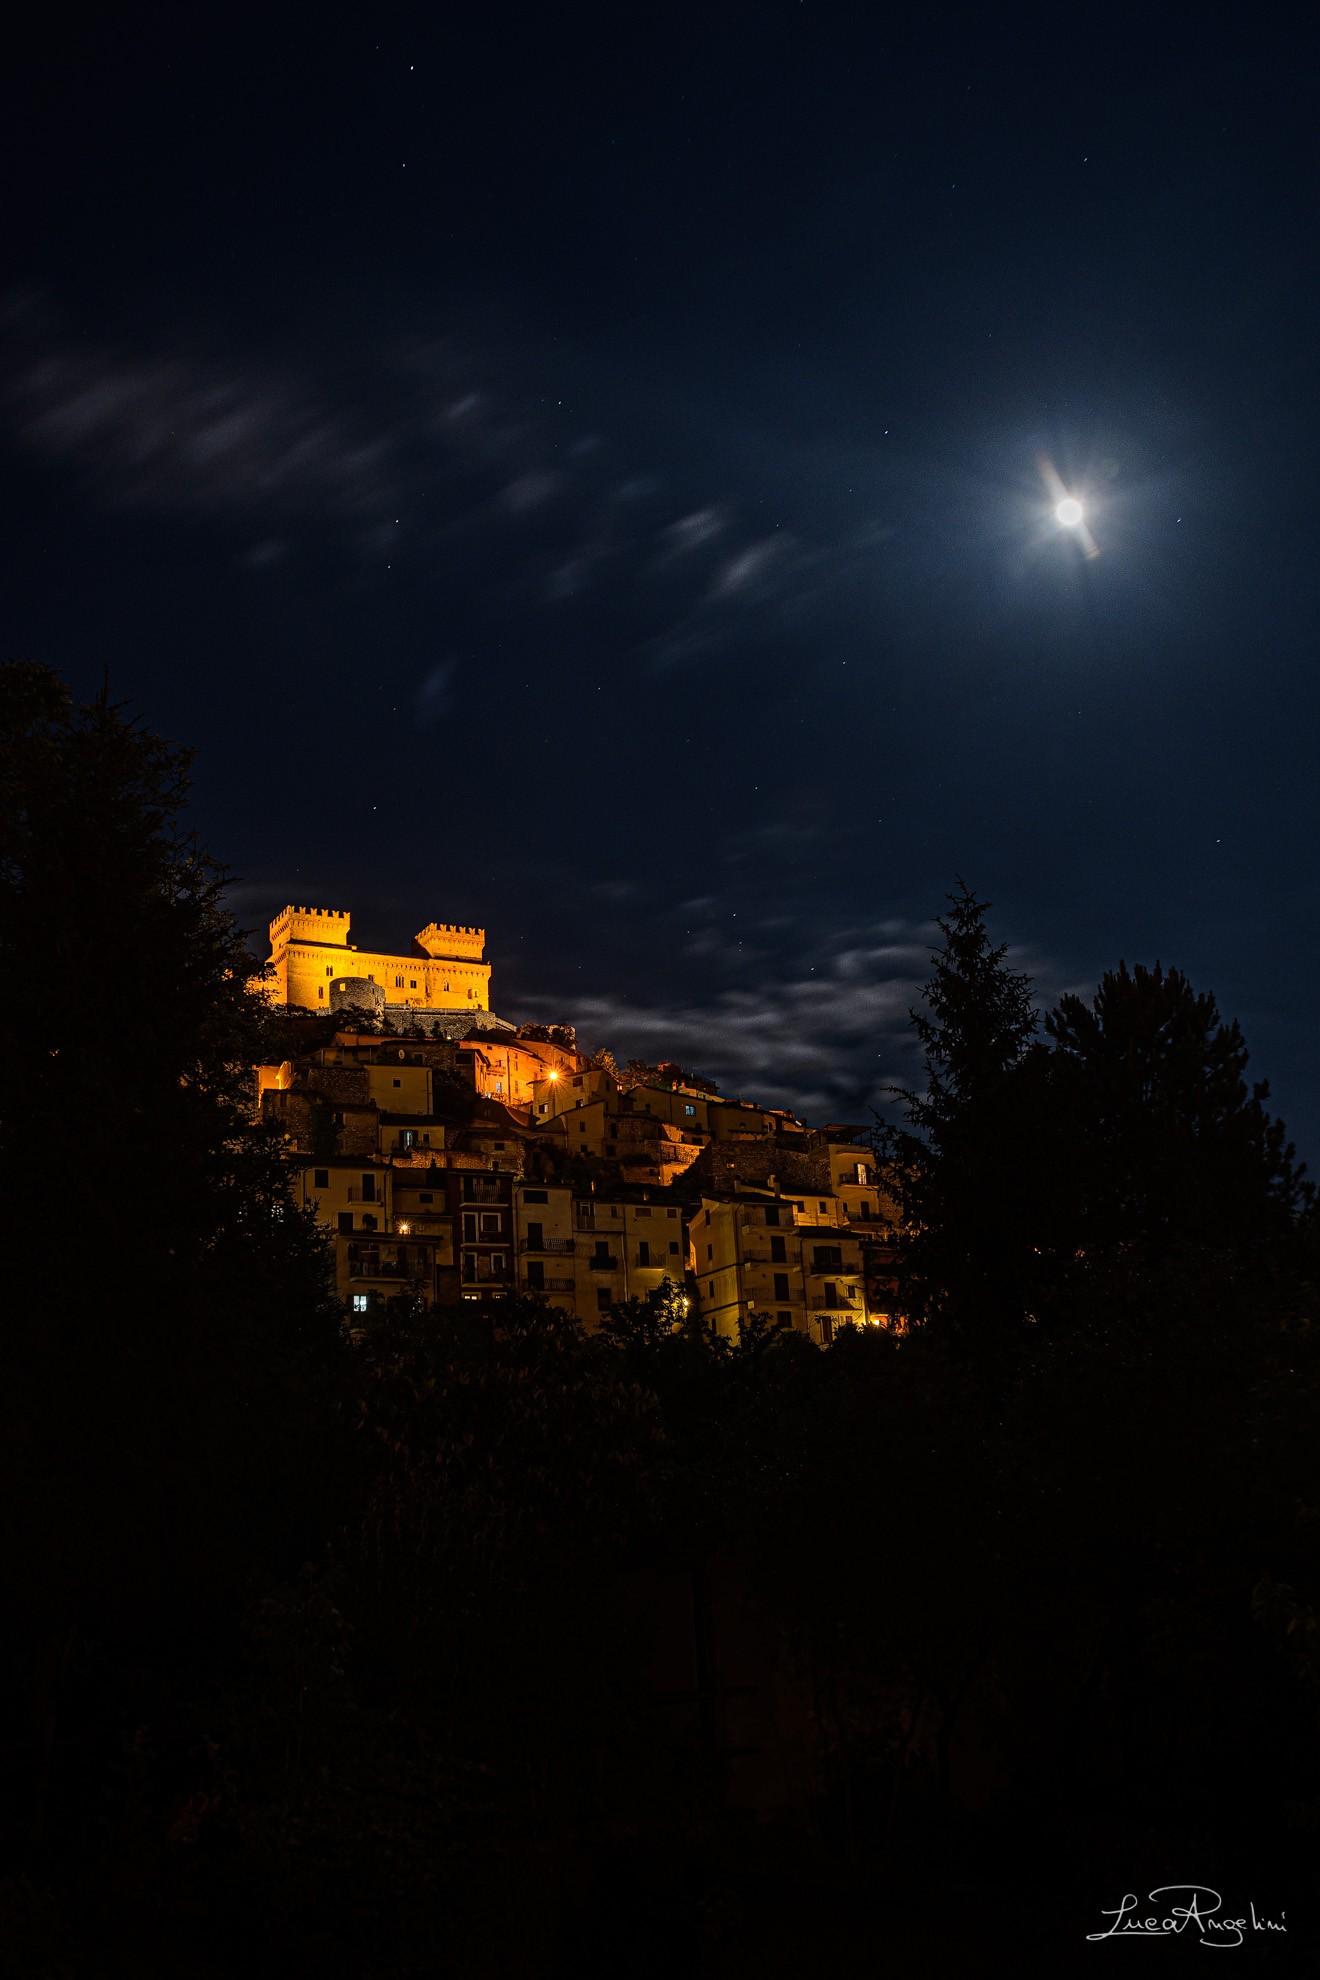 """- MIO PADRE E' UN RE - BIAGIO ANTONACCI """"...Mio padre è un Re vivo in un grande castello lassù..."""""""